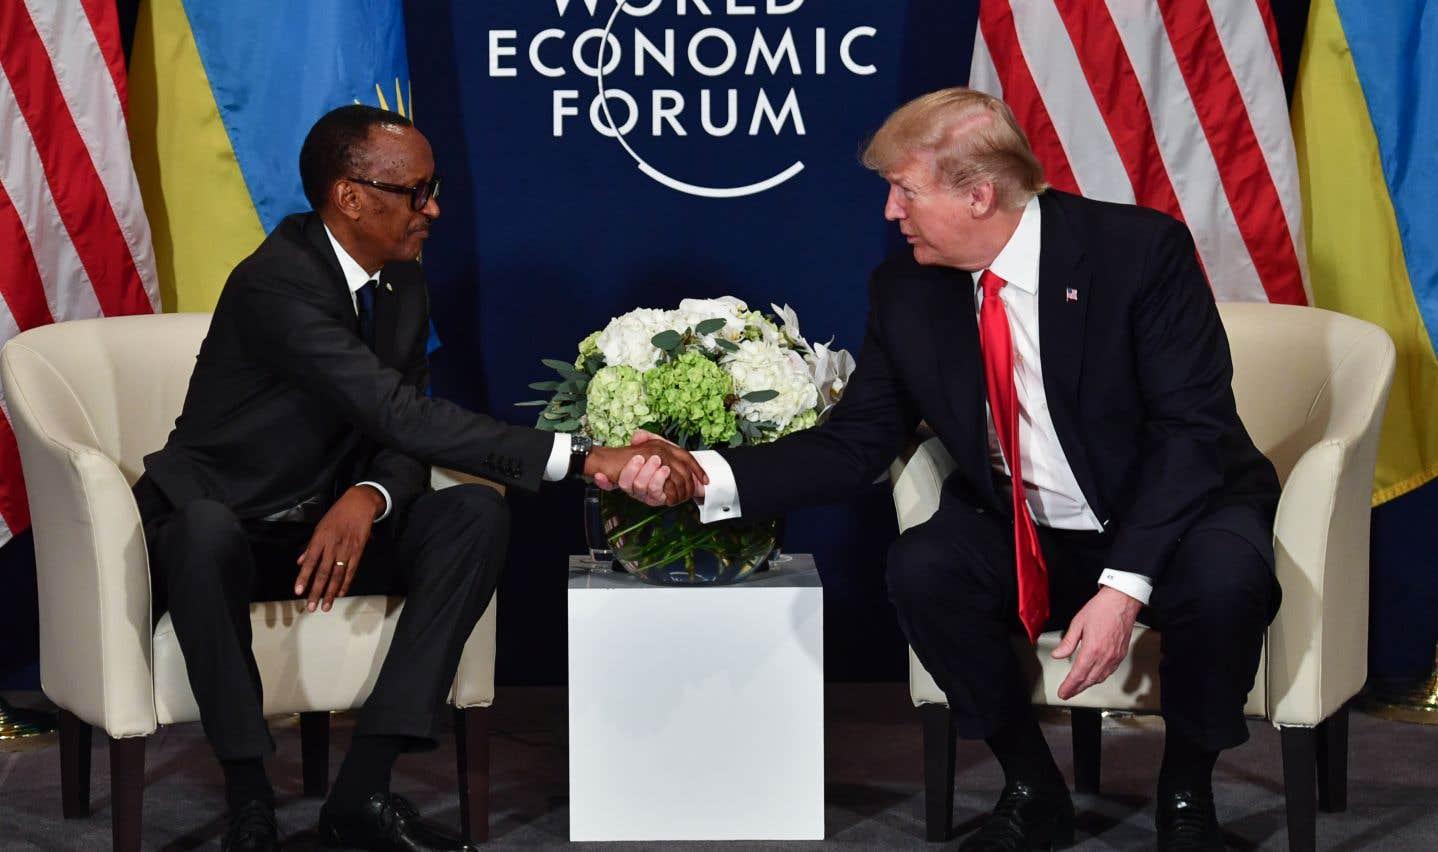 Le président américain a recontré vendredi le chef d'État rwandais Paul Kagame, président de l'Union africaine.